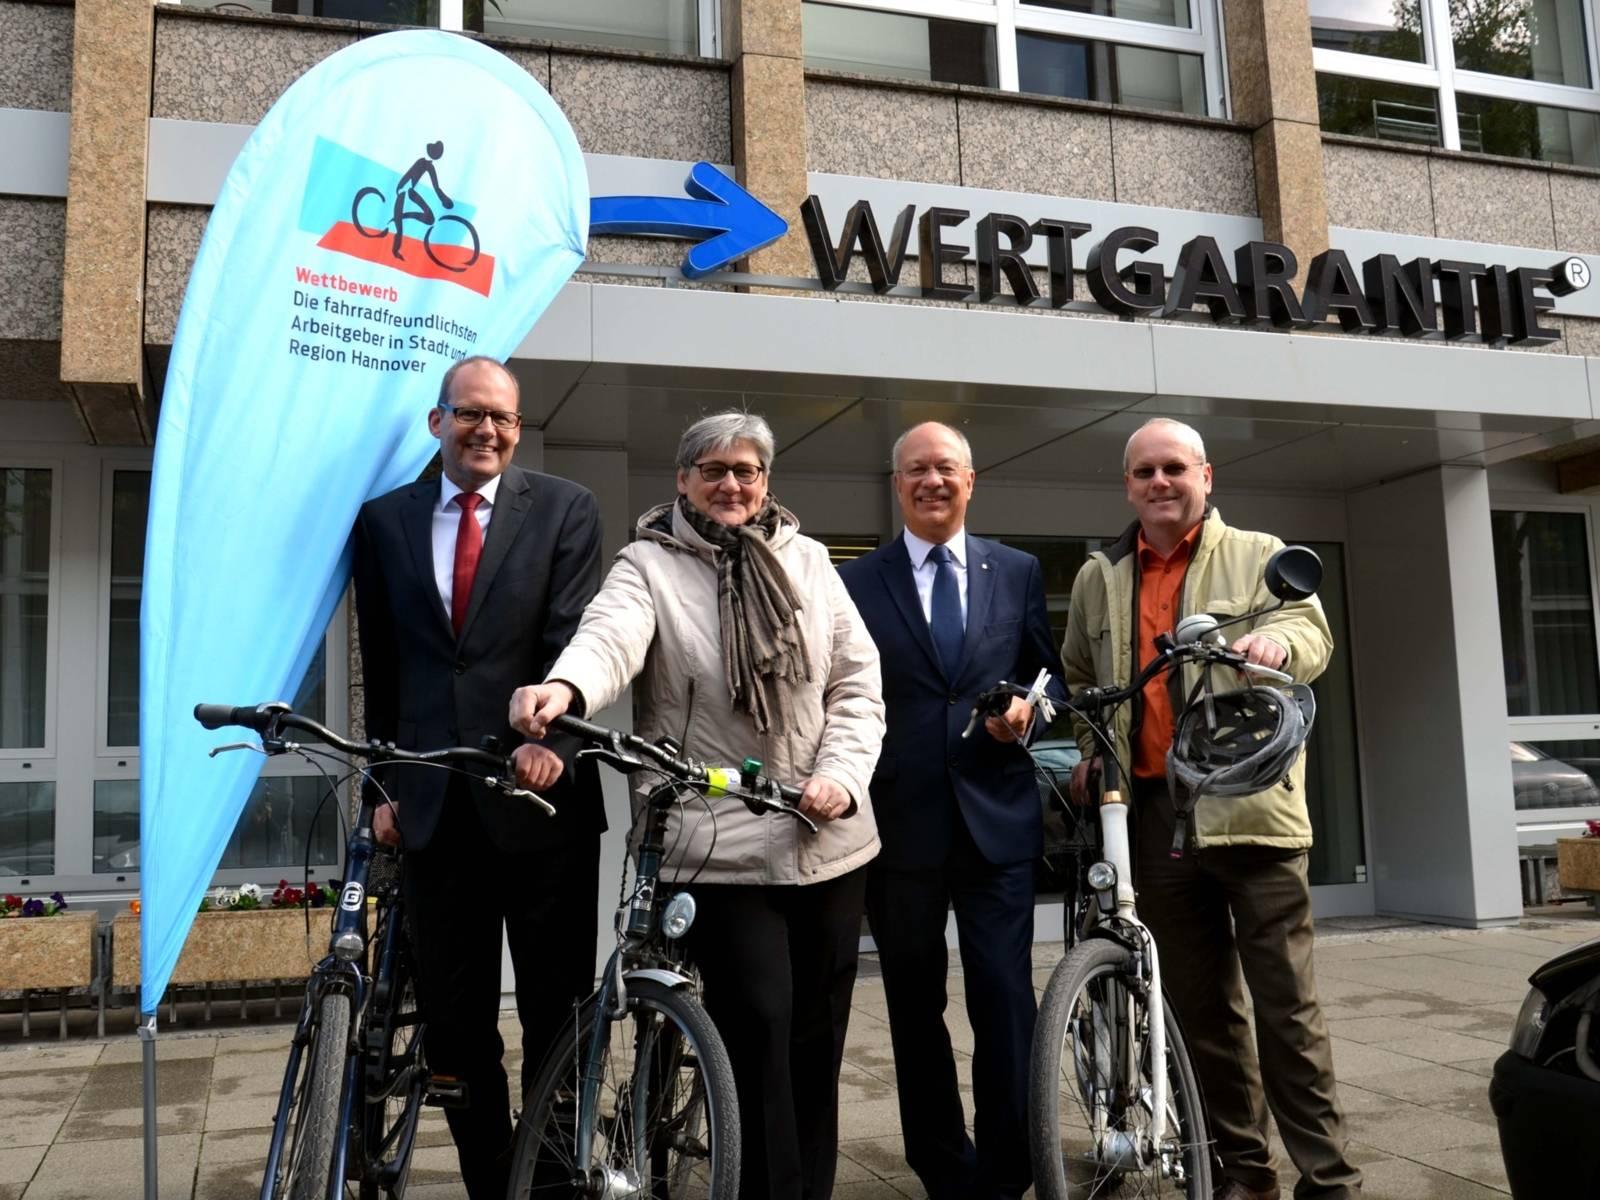 Drei Männer und eine Frau mit Fahrrädern.